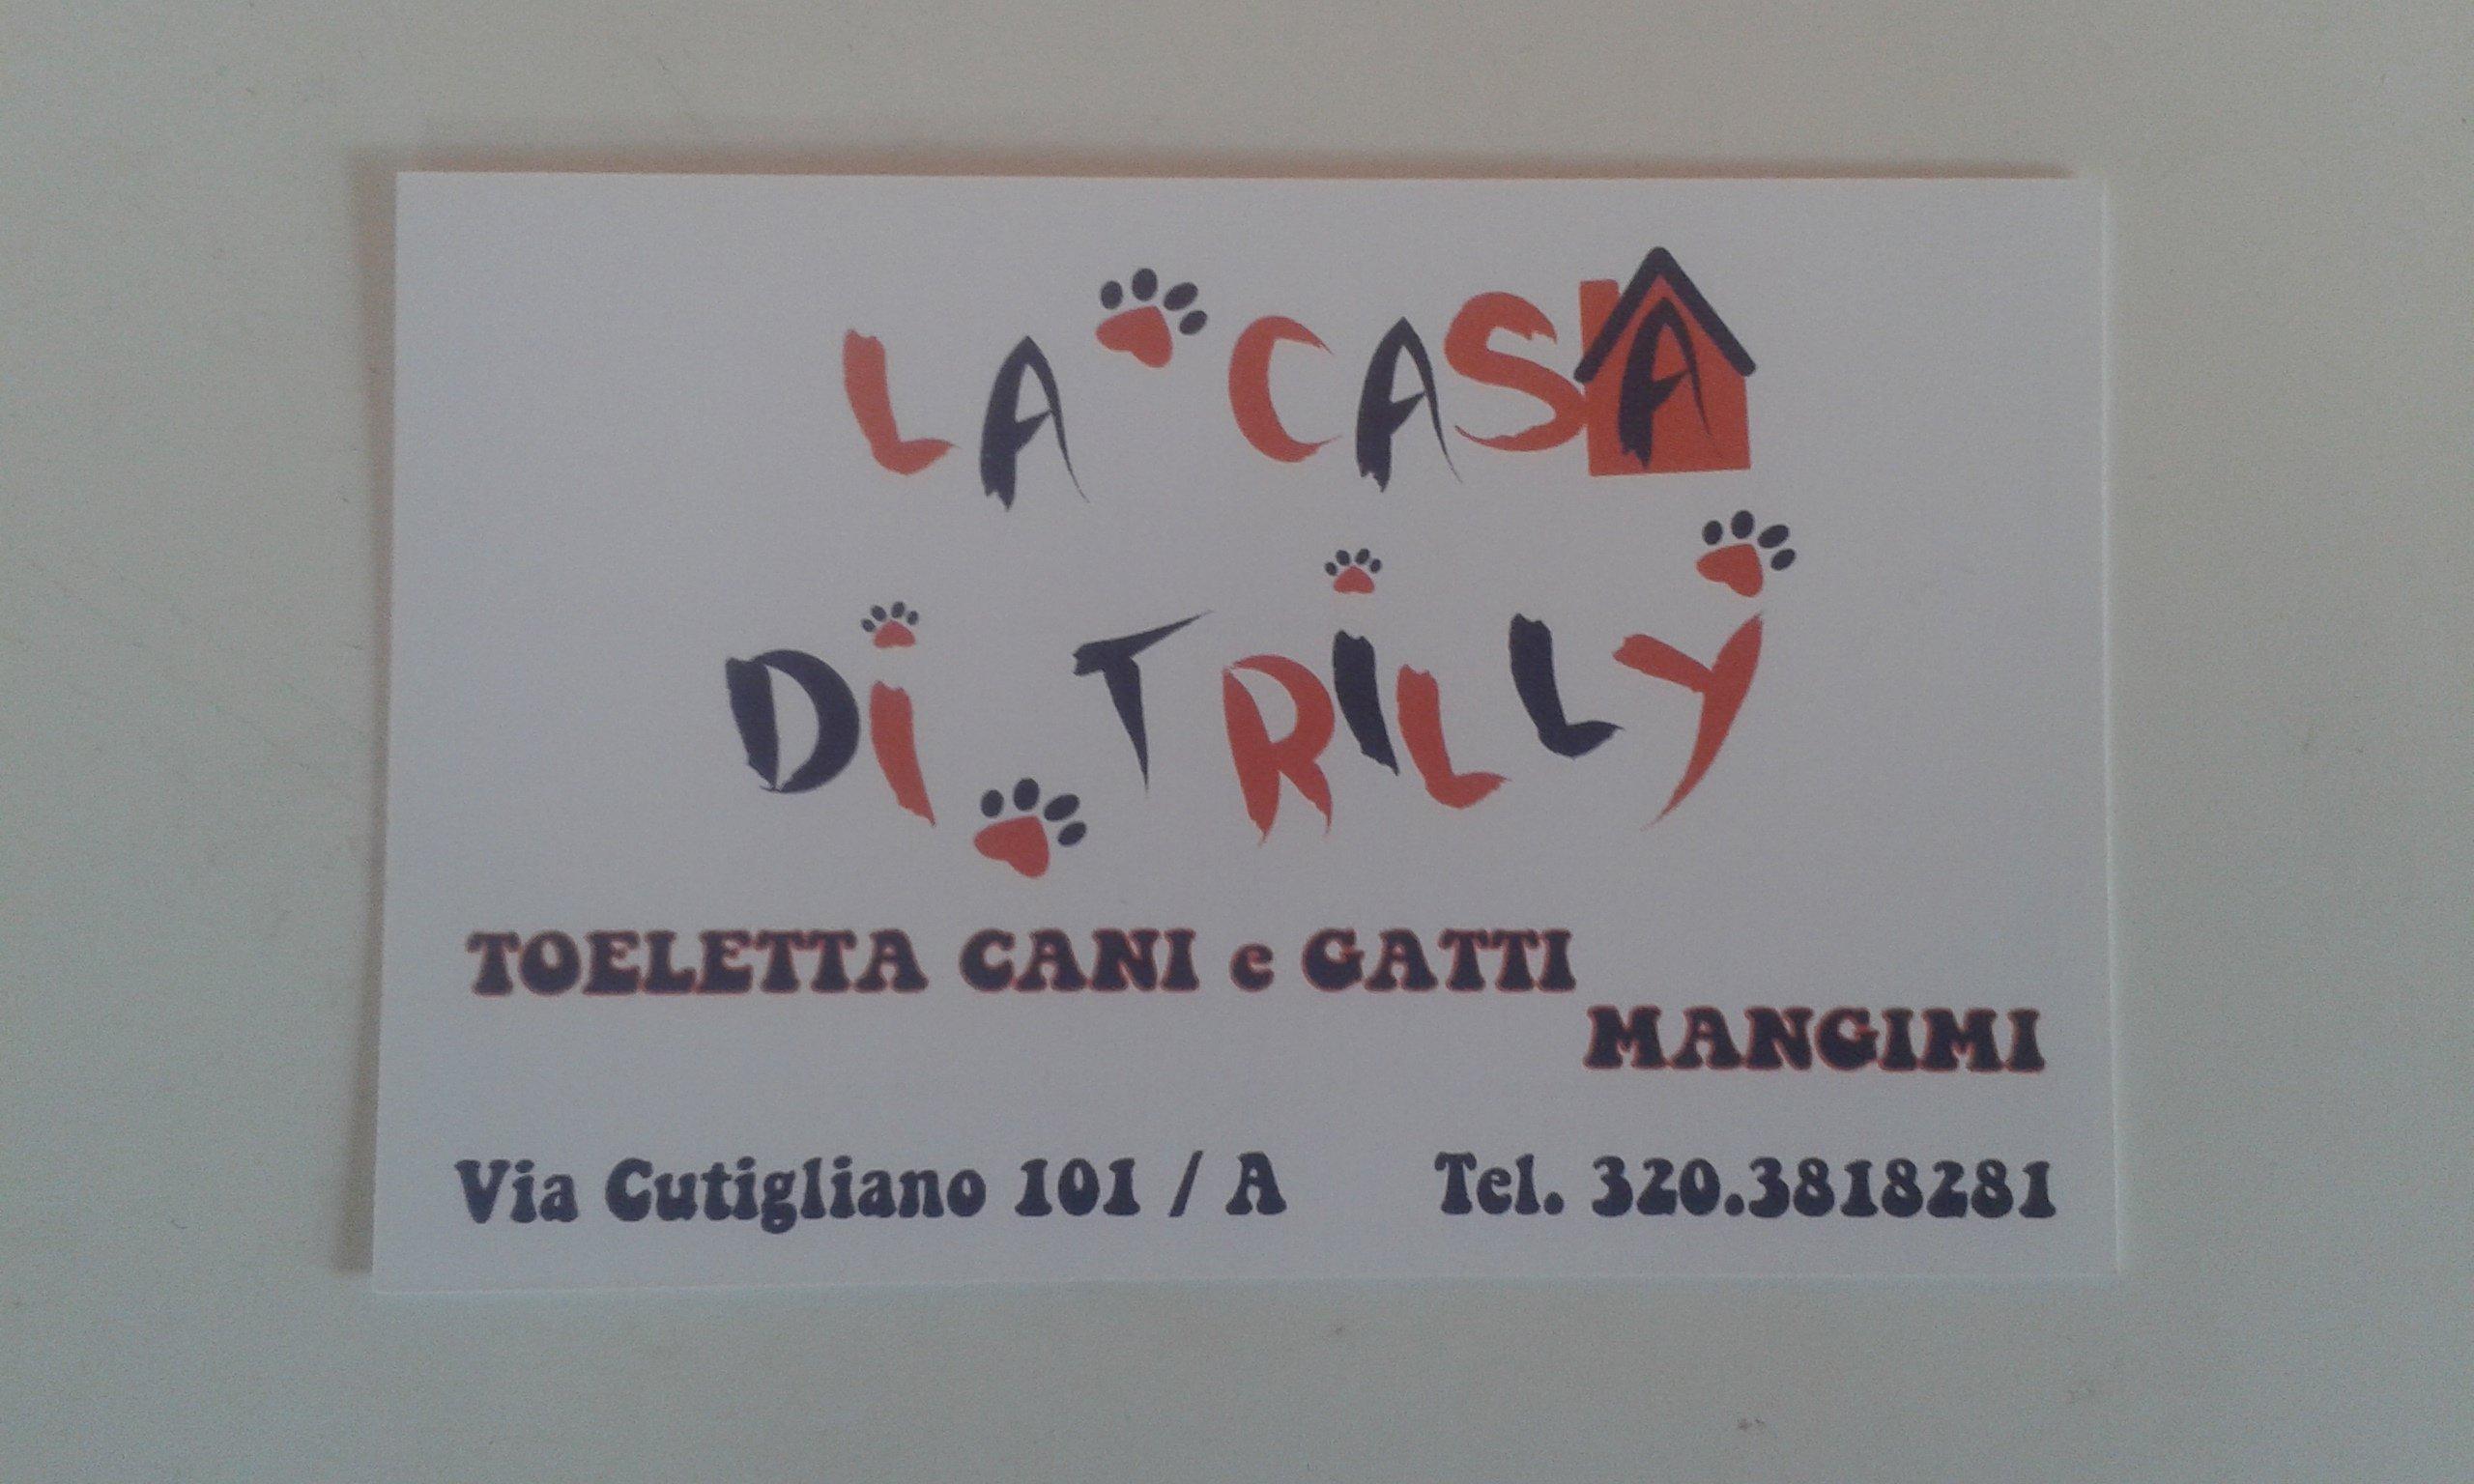 Un'immagine con scritto Di Trilly Toeletta Cani e Gatti Mangimi